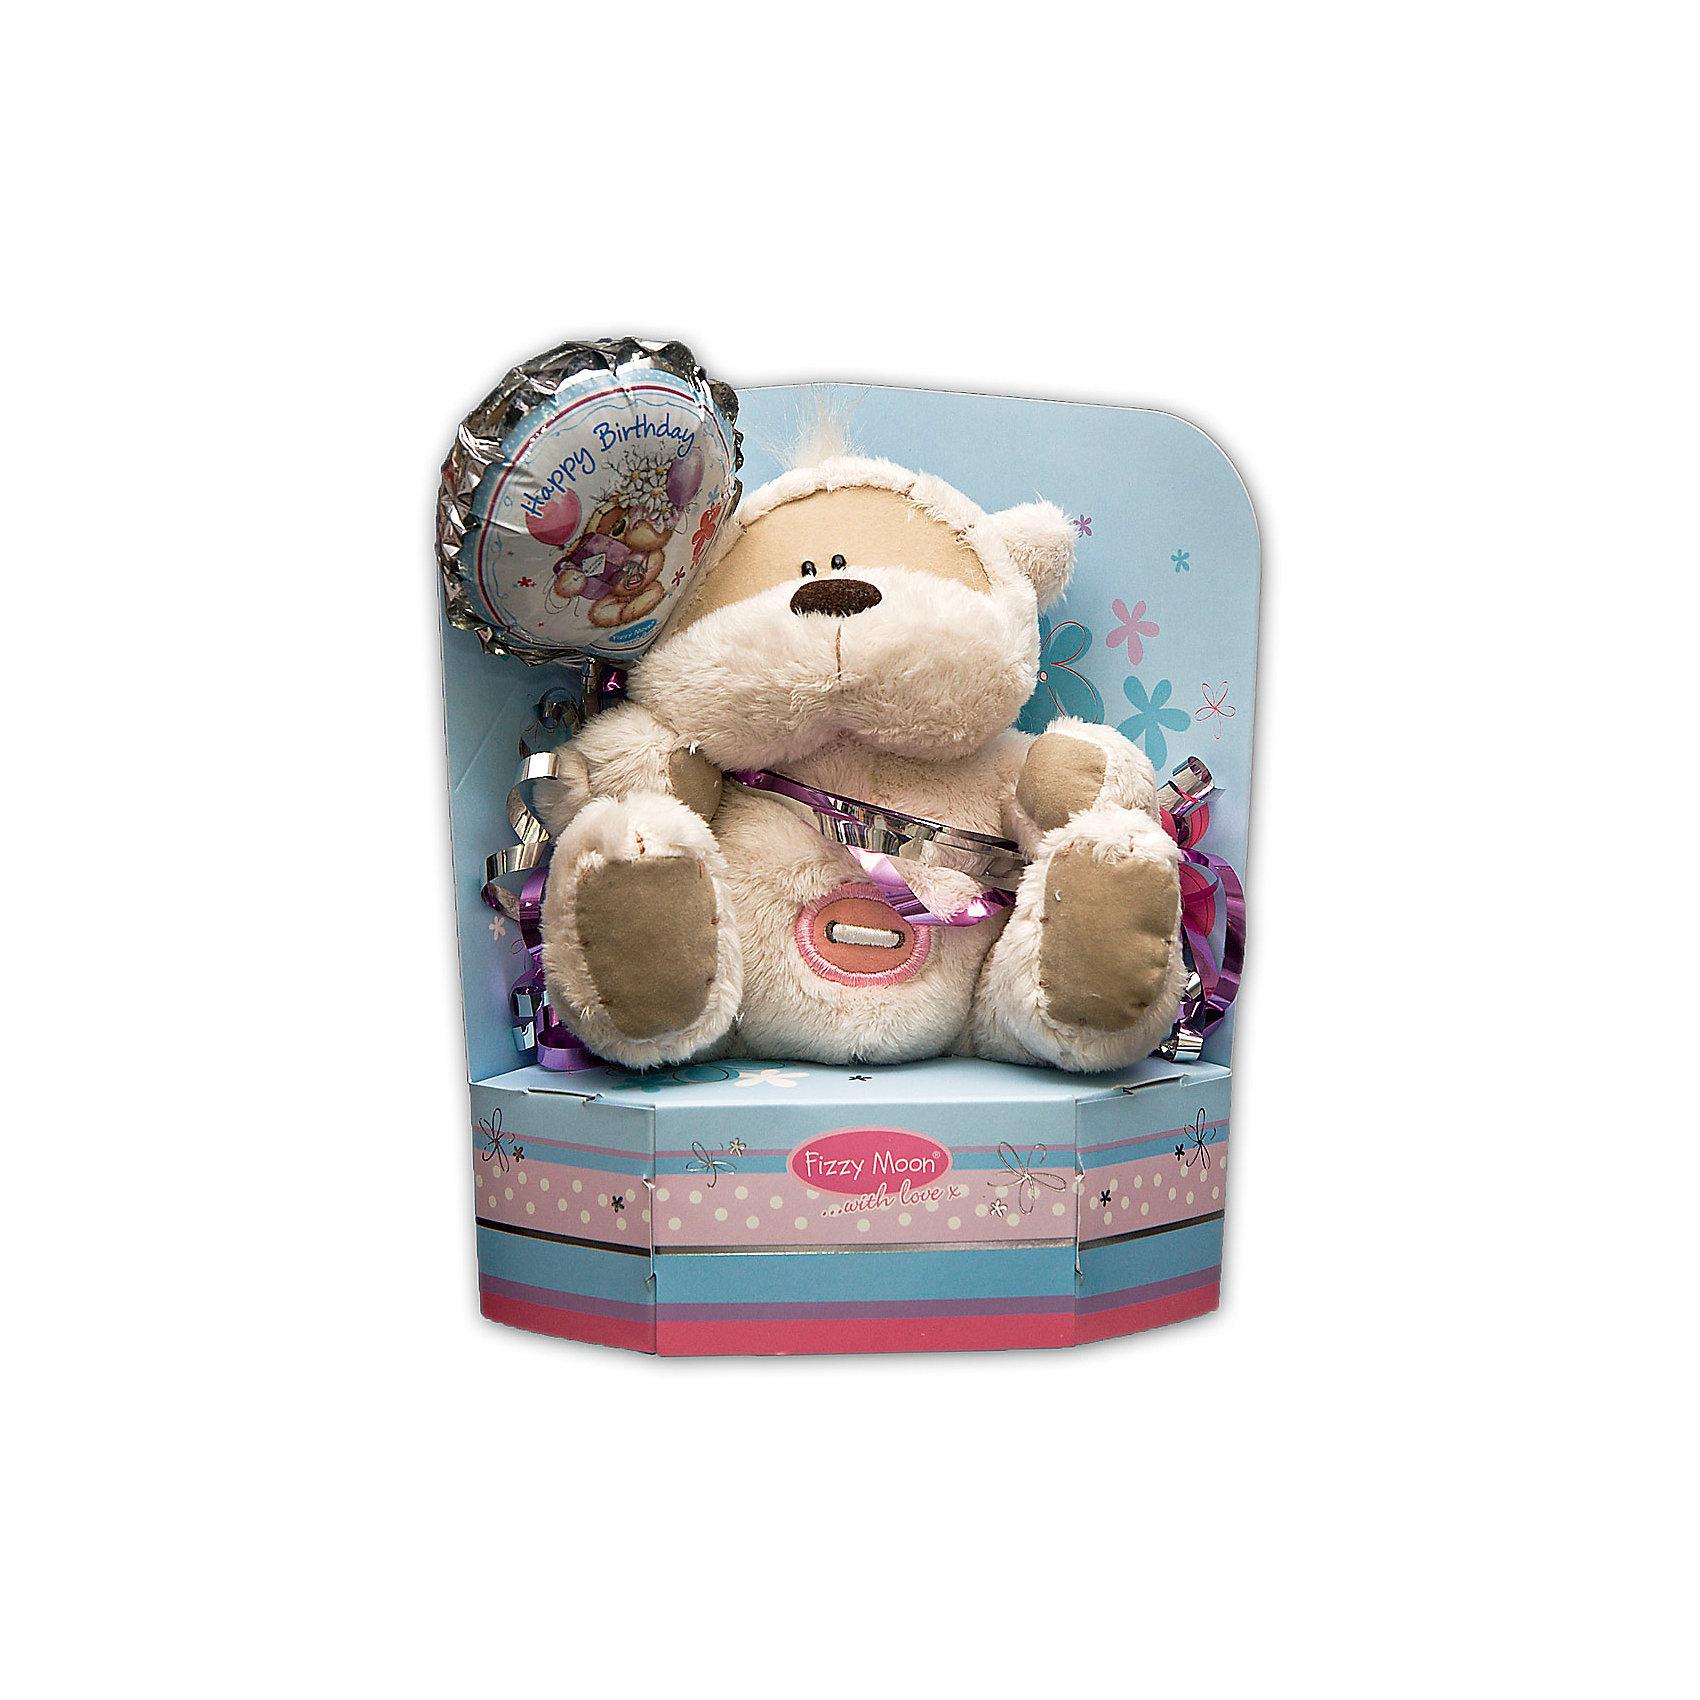 Мишка, 13 см, Fizzy MoonМедвежата<br>Мишка, 13 см, Fizzy Moon (Физзи Мун).<br><br>Характеристики:<br><br>- Размер: 13 см.<br>- Материал: искусственный мех, текстиль<br><br>Сентиментальный медвежонок по имени Физзи Мун с неизменной розовой пуговичкой на круглом животике и воздушным шариком с надписью Happy Birthday в лапах, сидящий на подставке, вызывает только положительные эмоции. Трогательный и обаятельный мишка порадует как детей, так и взрослых. У мишки умилительная смешная мордашка, забавный носик и черные как угольки глазки. Он изготовлен из высококачественных материалов. Fizzy Moon (Физзи Мун) всемирно известный бренд игрушек, который уже завоевал любовь и популярность! Добрый мишка Физзи Мун станет отличным подарком!<br><br>Мишку, 13 см, Fizzy Moon (Физзи Мун) можно купить в нашем интернет-магазине.<br><br>Ширина мм: 110<br>Глубина мм: 80<br>Высота мм: 140<br>Вес г: 160<br>Возраст от месяцев: 36<br>Возраст до месяцев: 2147483647<br>Пол: Женский<br>Возраст: Детский<br>SKU: 5119977